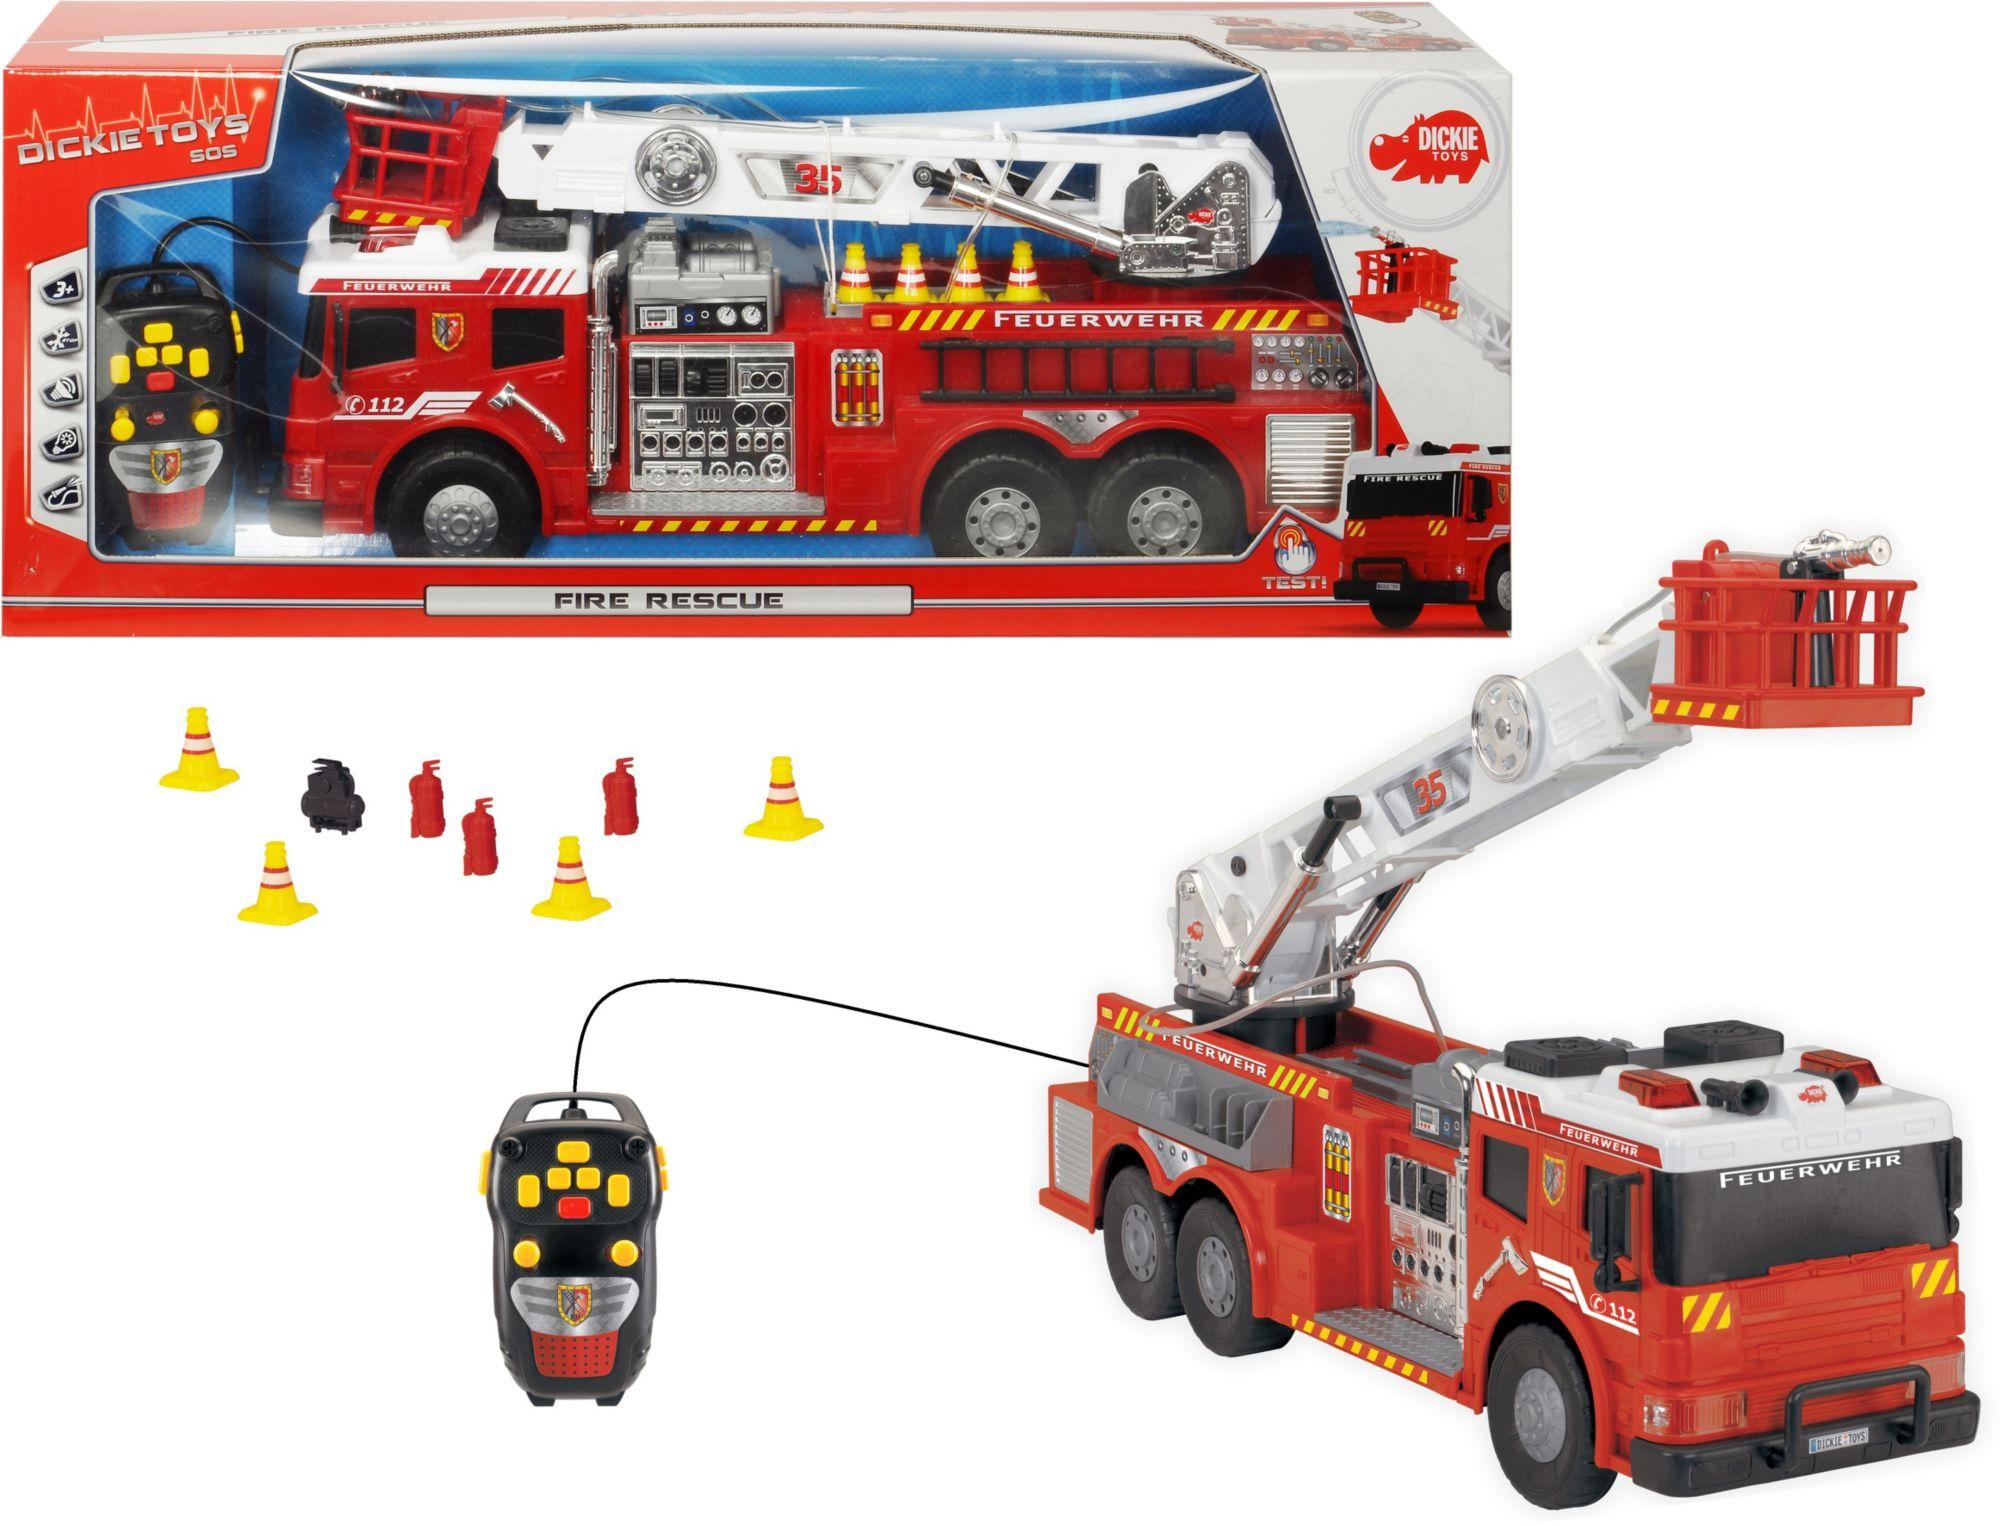 DICKIE TOYS Dickie Toys Kabelgesteuertes Feuerwehrauto mit Wasserspritze, »Fire Rescue«